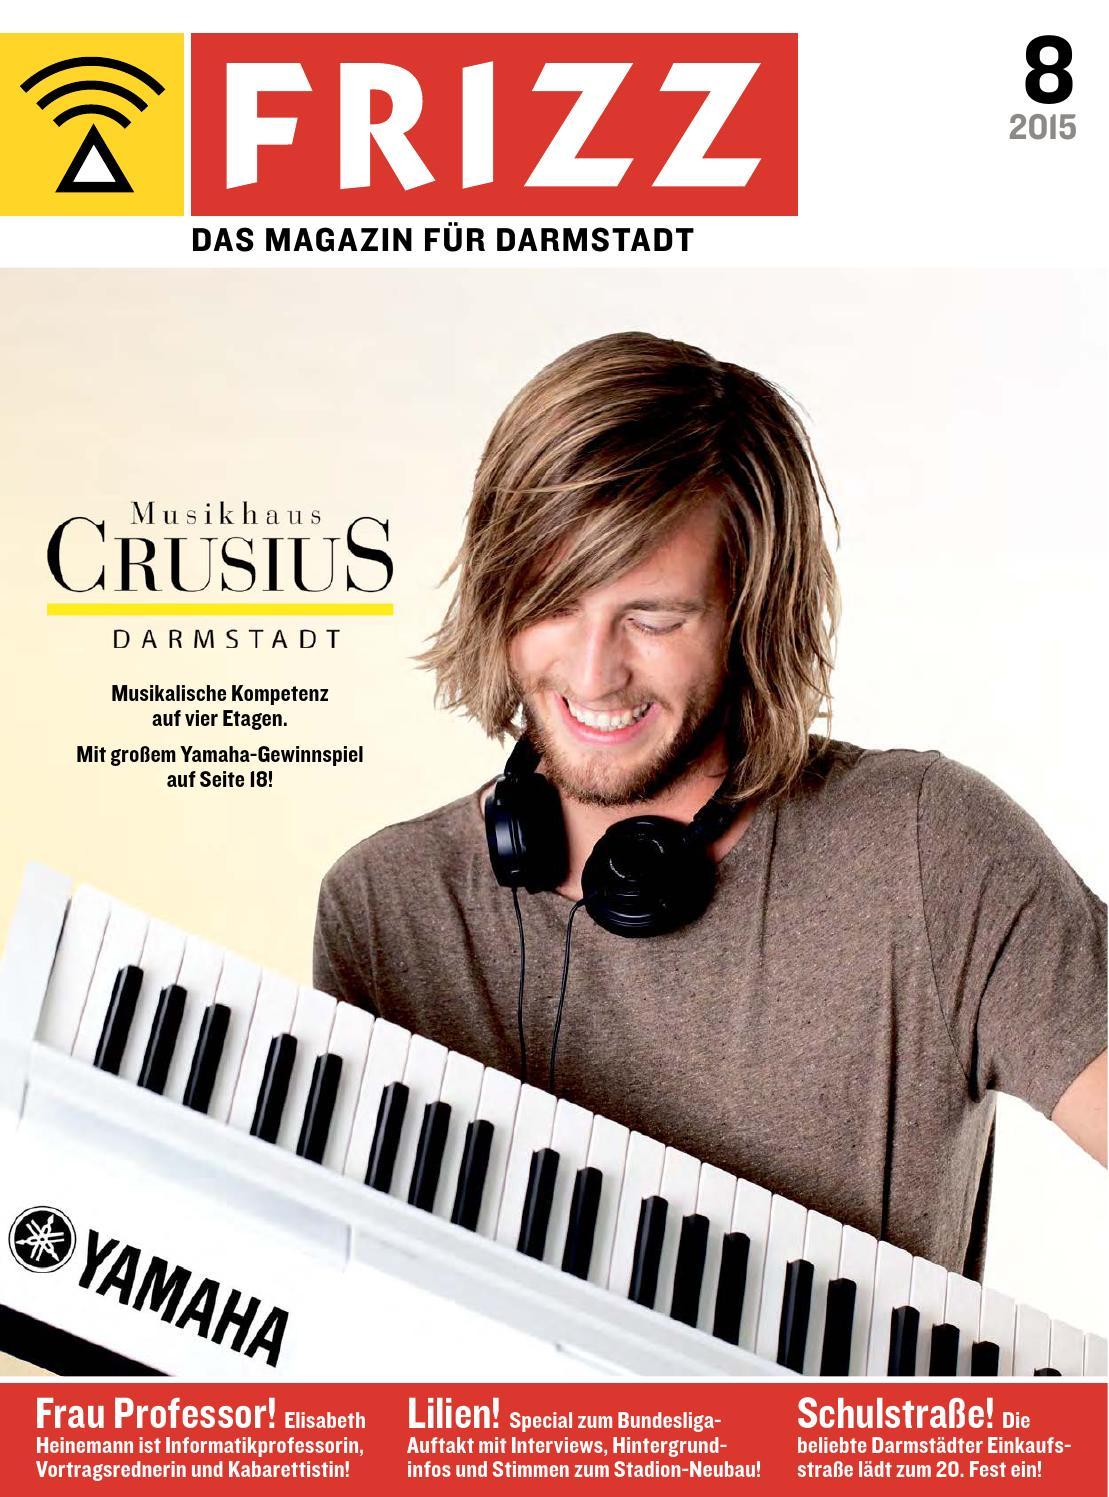 FRIZZ - Das Magazin für Darmstadt - 08 / 2015 - Ausgabe 389 by FRIZZ ...